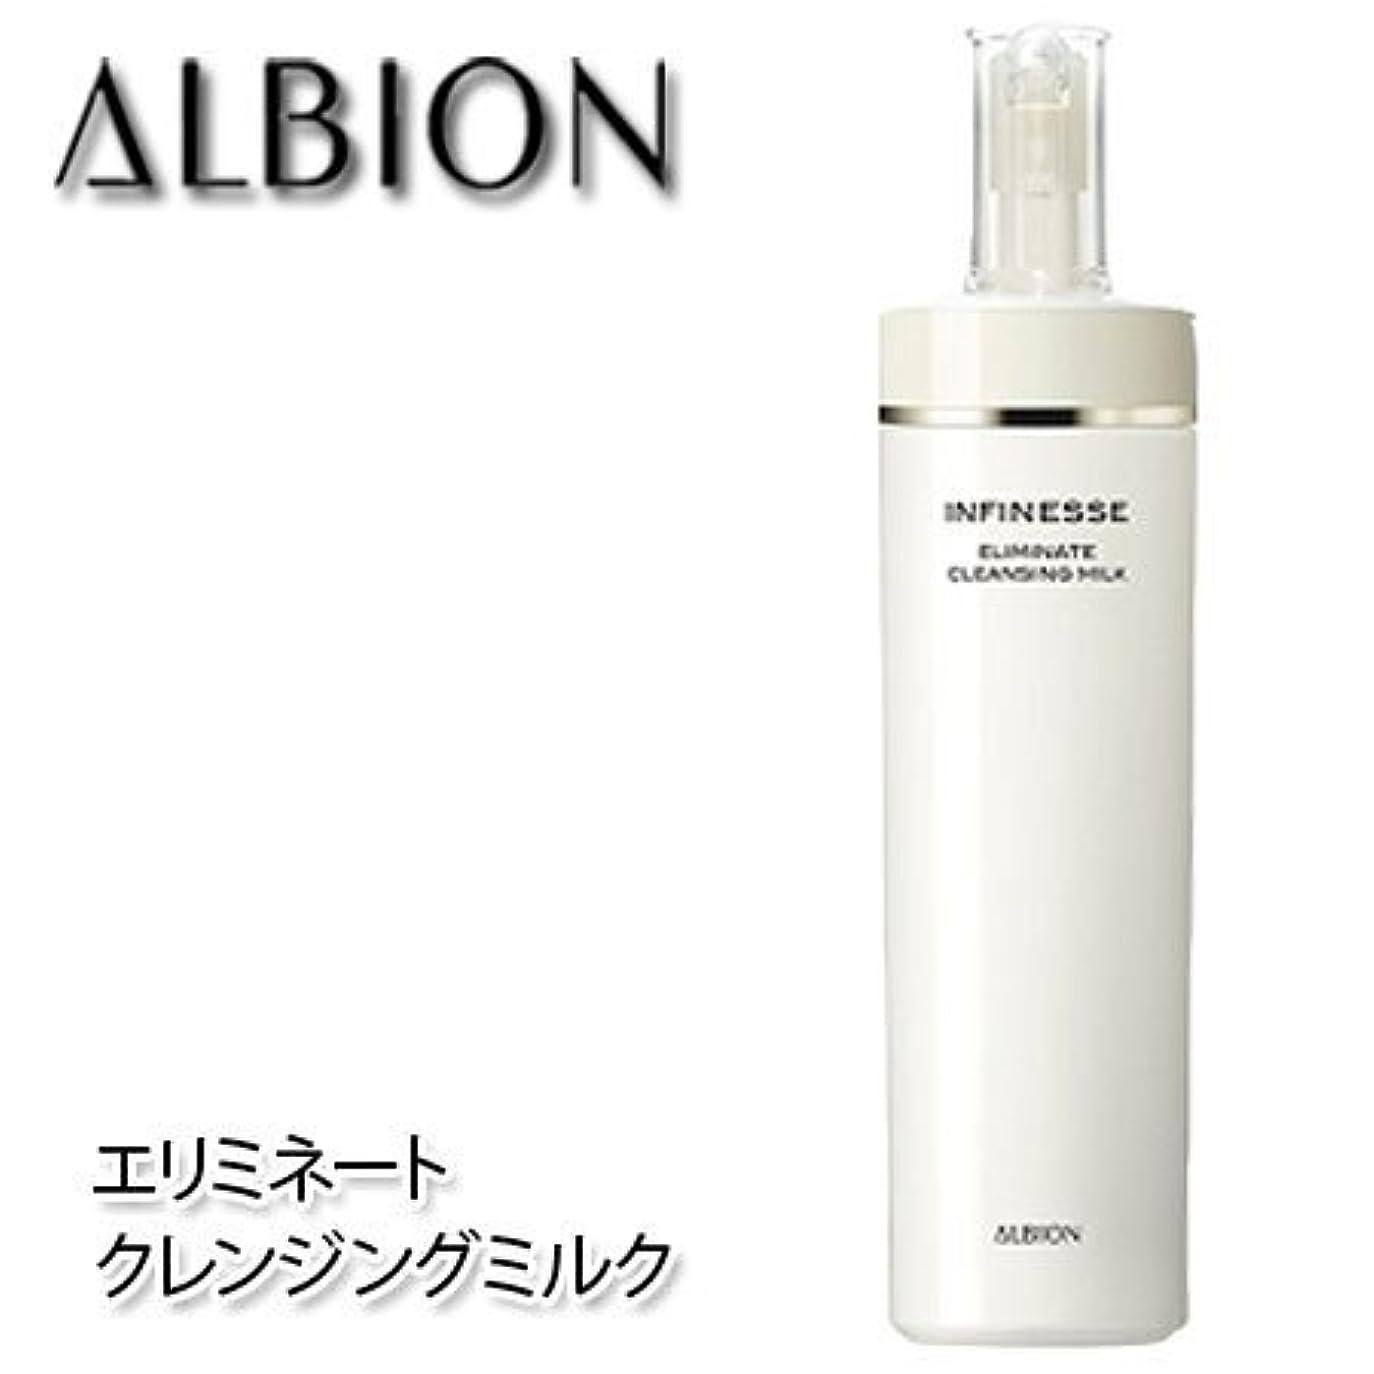 スキル繕う明らかにアルビオン アンフィネス エリミネート クレンジングミルク 200g-ALBION-